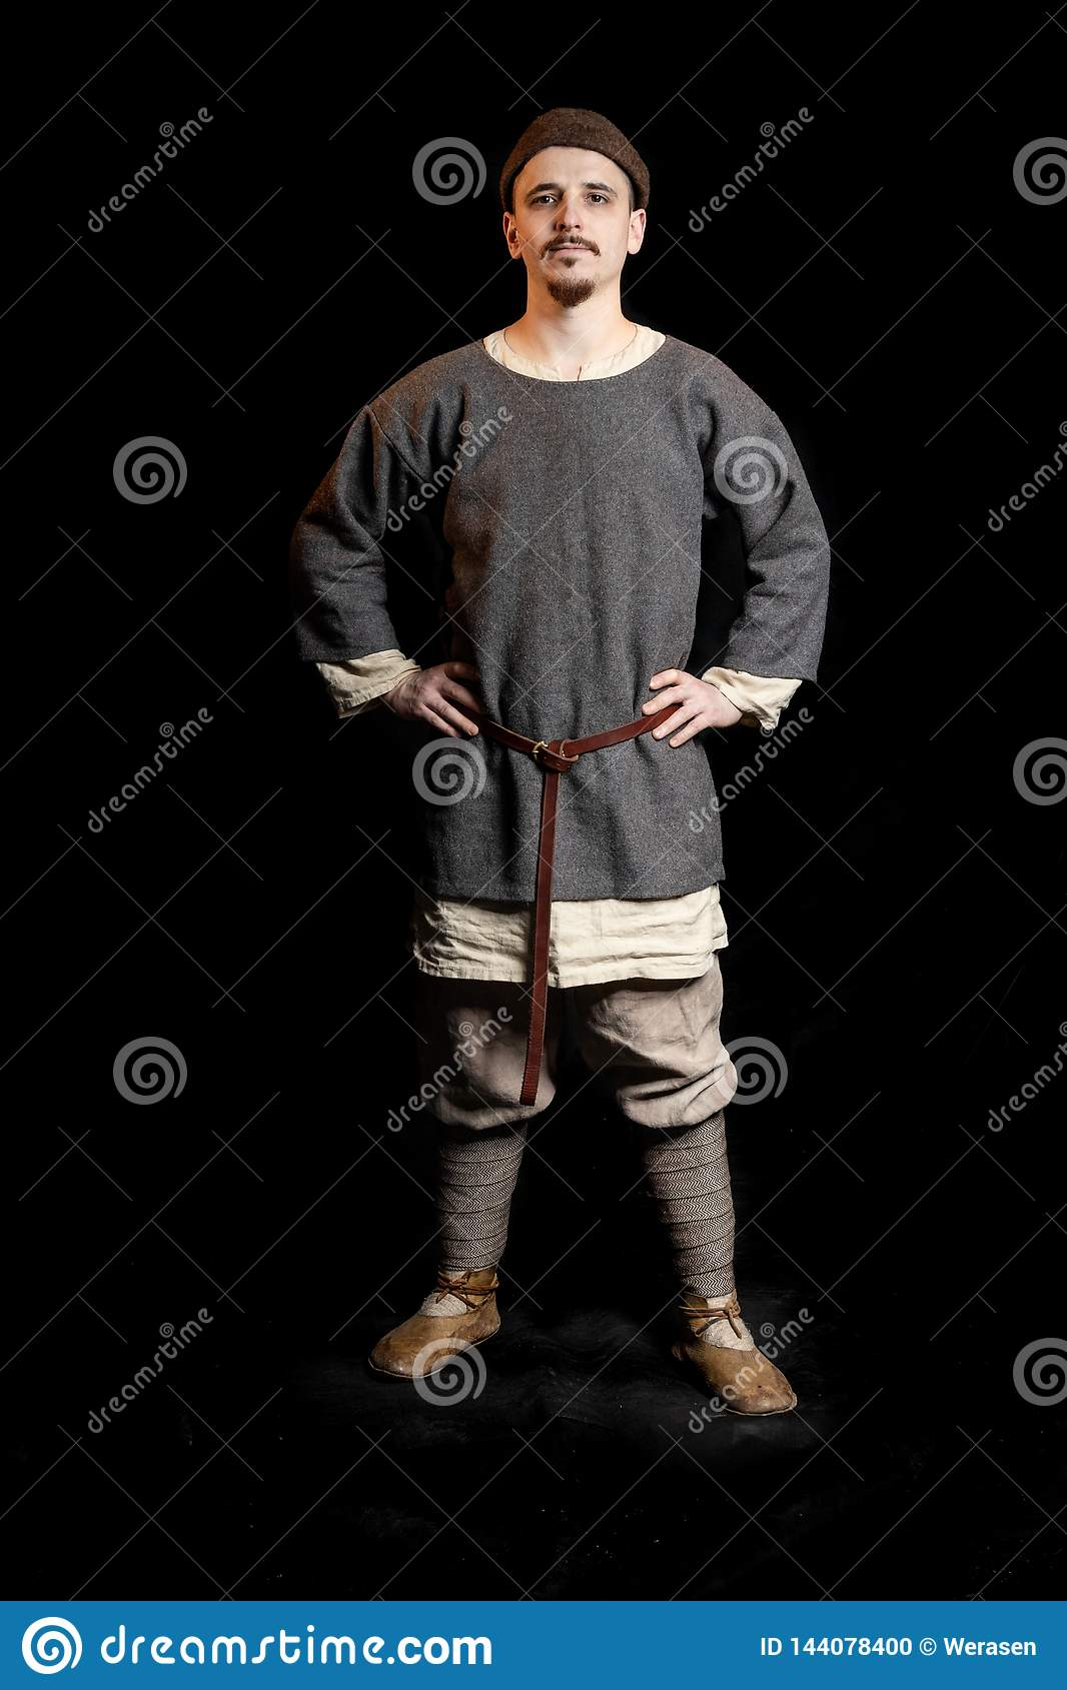 El hombre joven en ropa gris casual y un sombrero de Viking Age parece serio, las manos en caderas